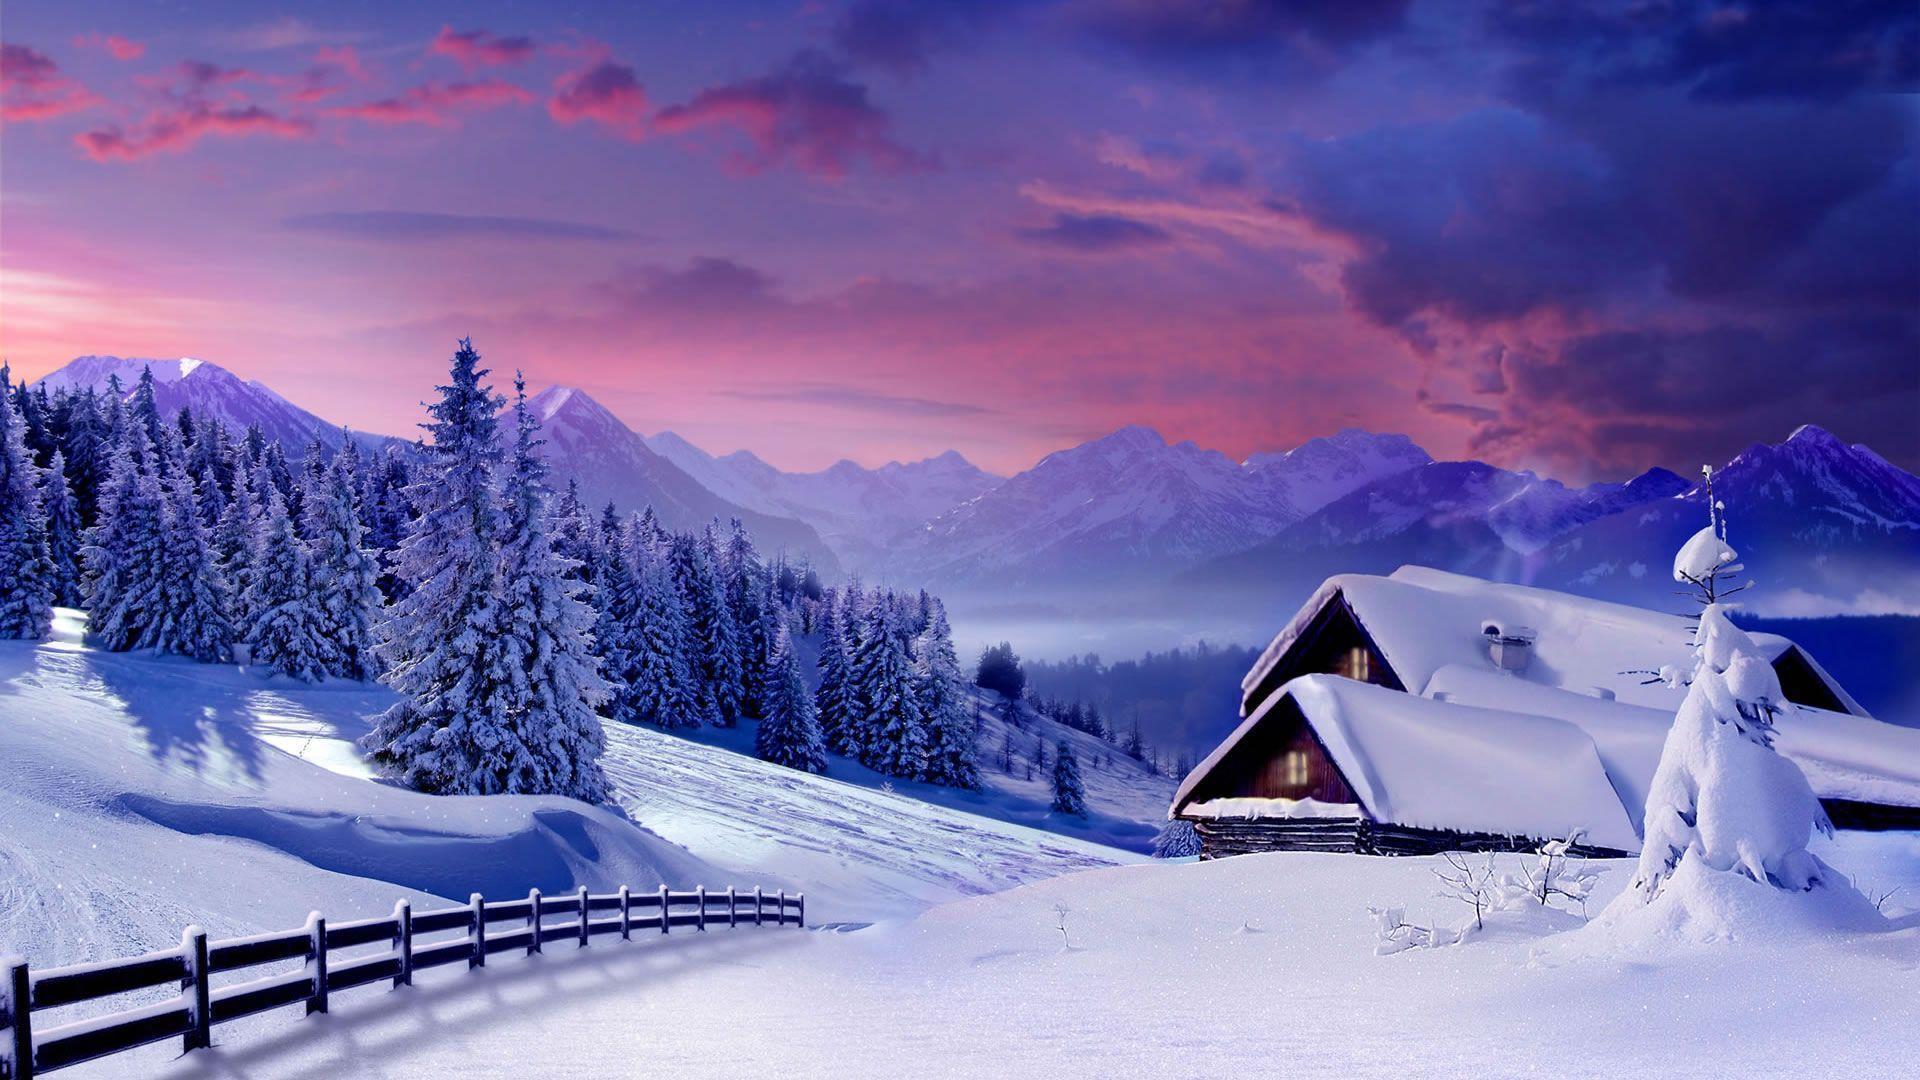 snowfall on house image